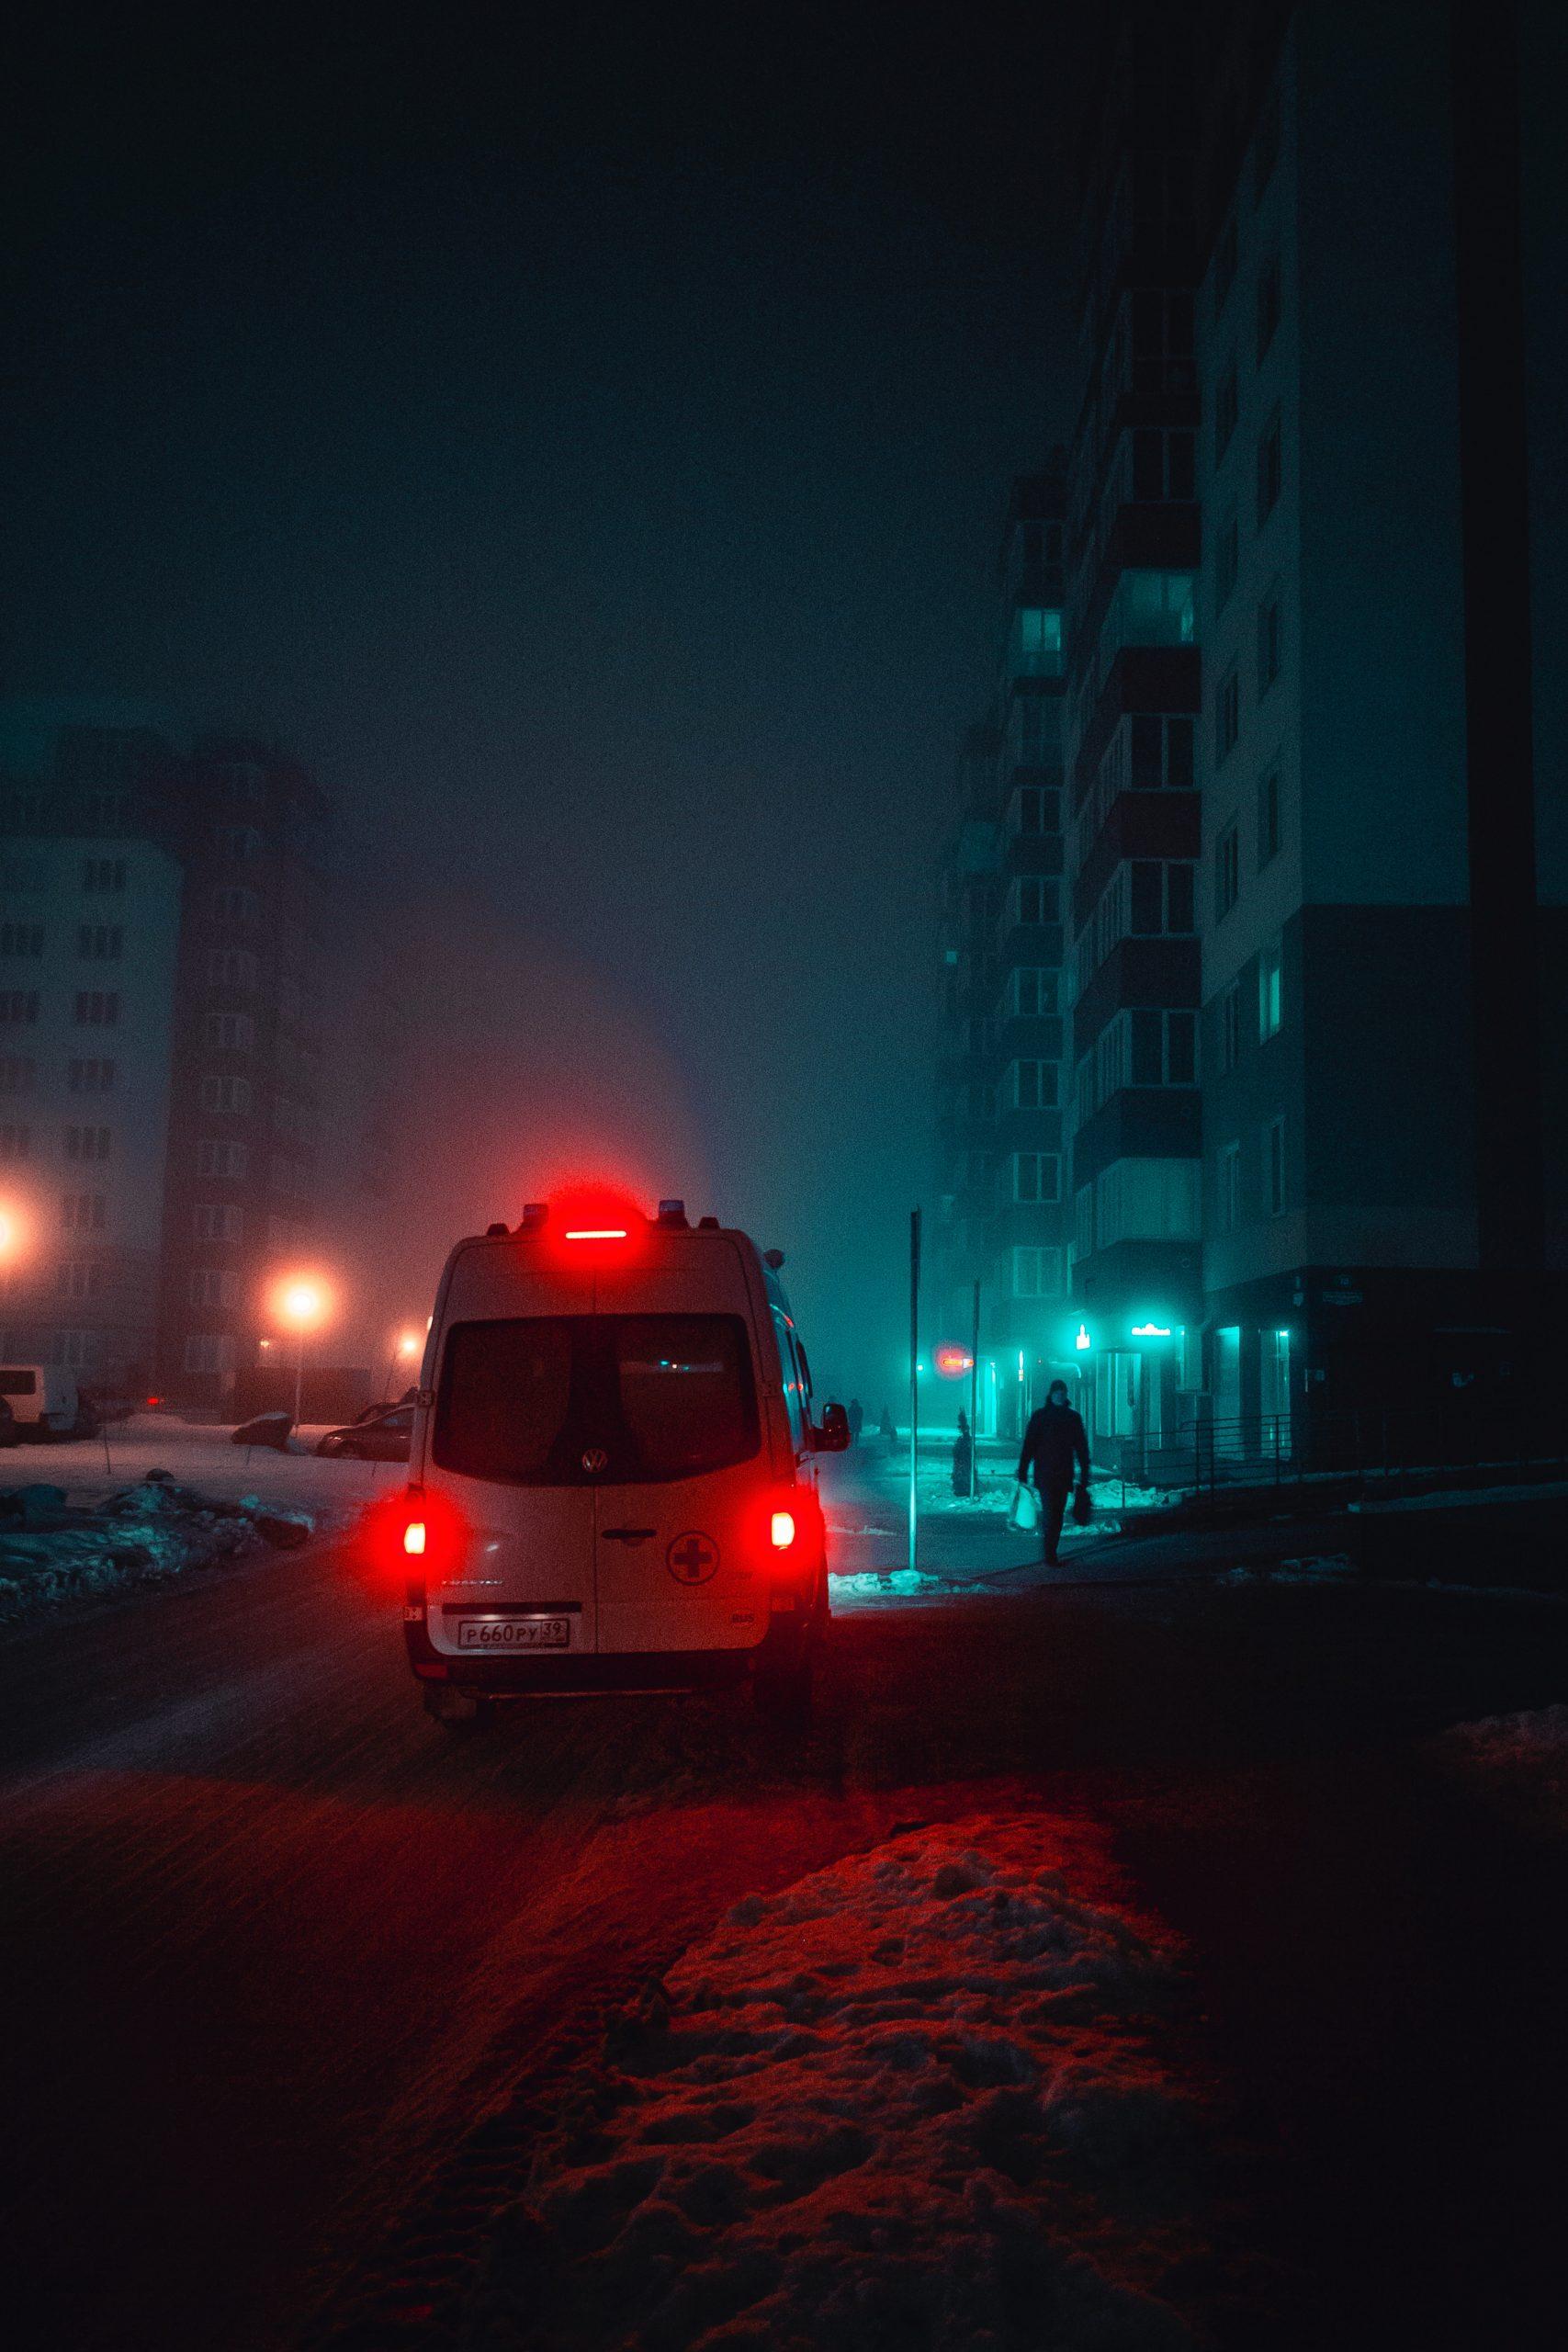 Verkehrssicherheit und Glätte – Monatsinformation November 2020 (10. Newsletter)